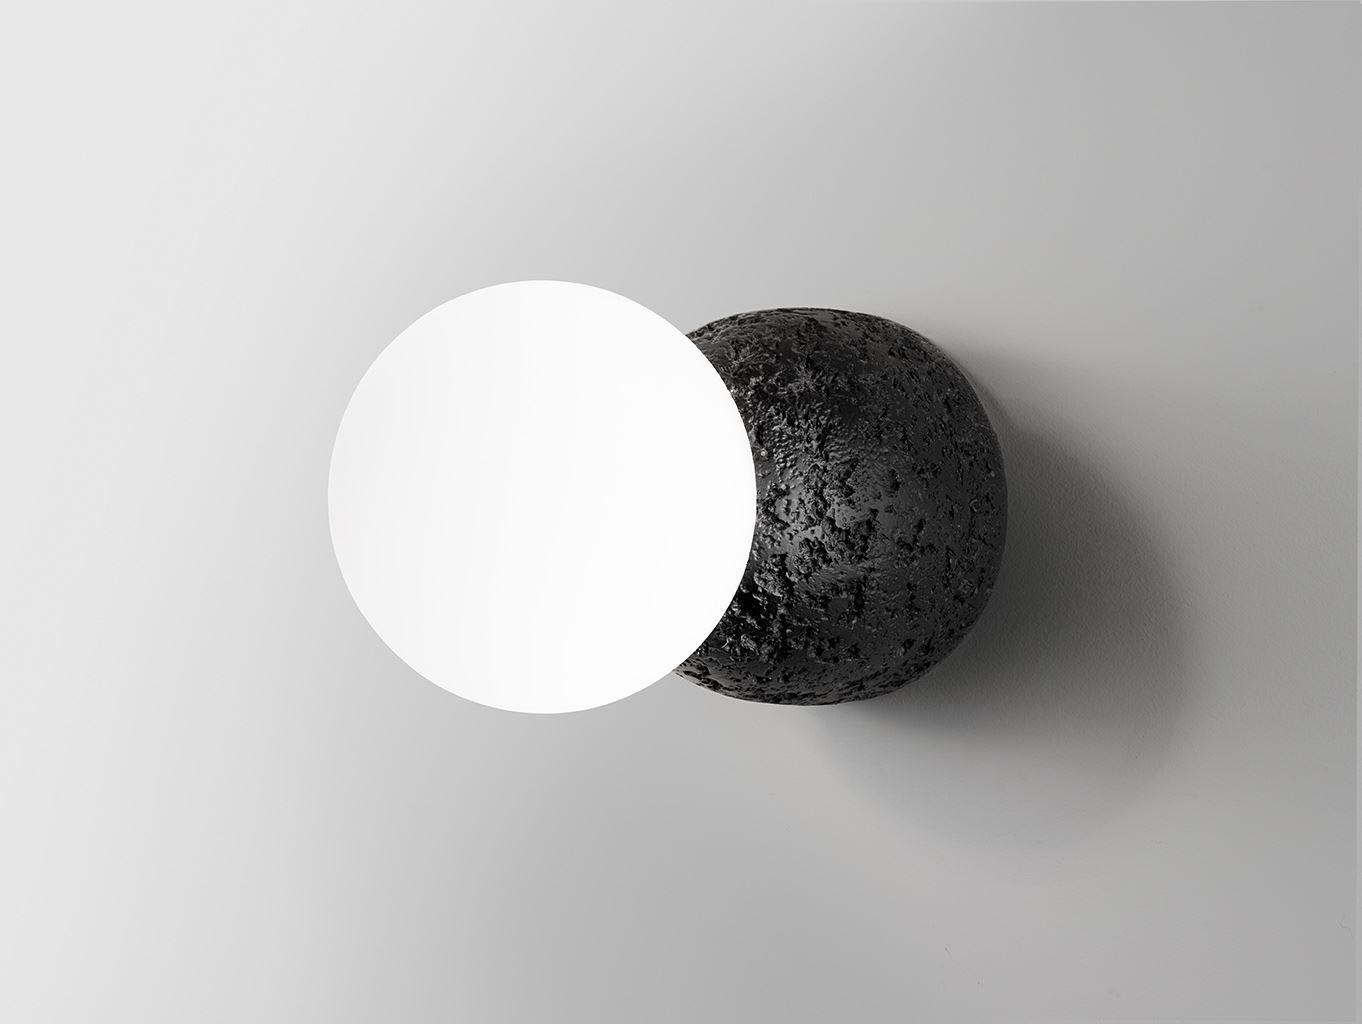 גופי תאורה בקטגוריית: צילינדרים  ,שם המוצר: קאפלה